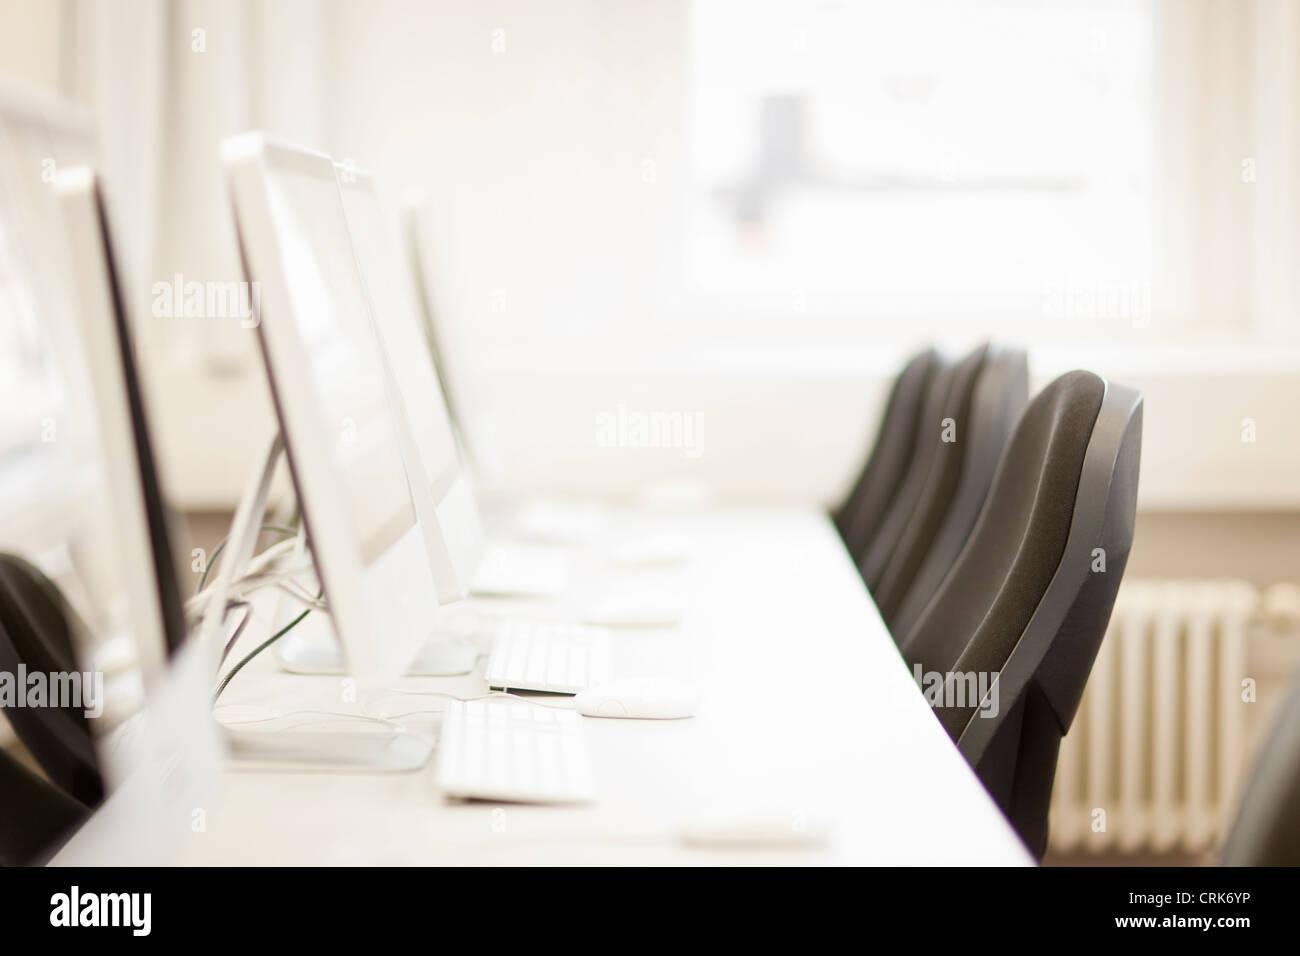 Empty computer desks in office - Stock Image